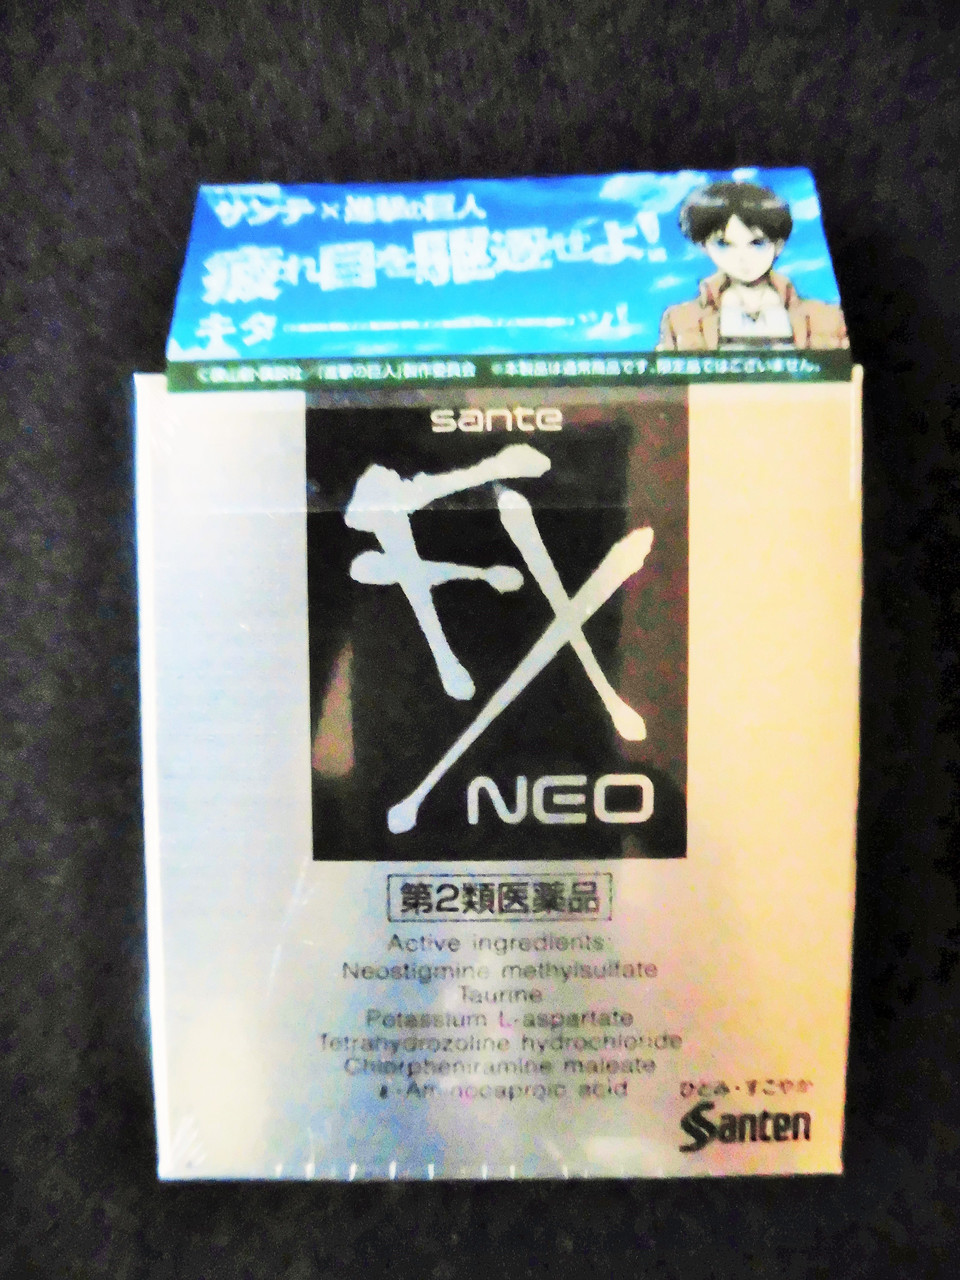 Глазные капли Sante FX Neo. Освежают, снимают усталость и покраснение глаз. (Sante, Япония)